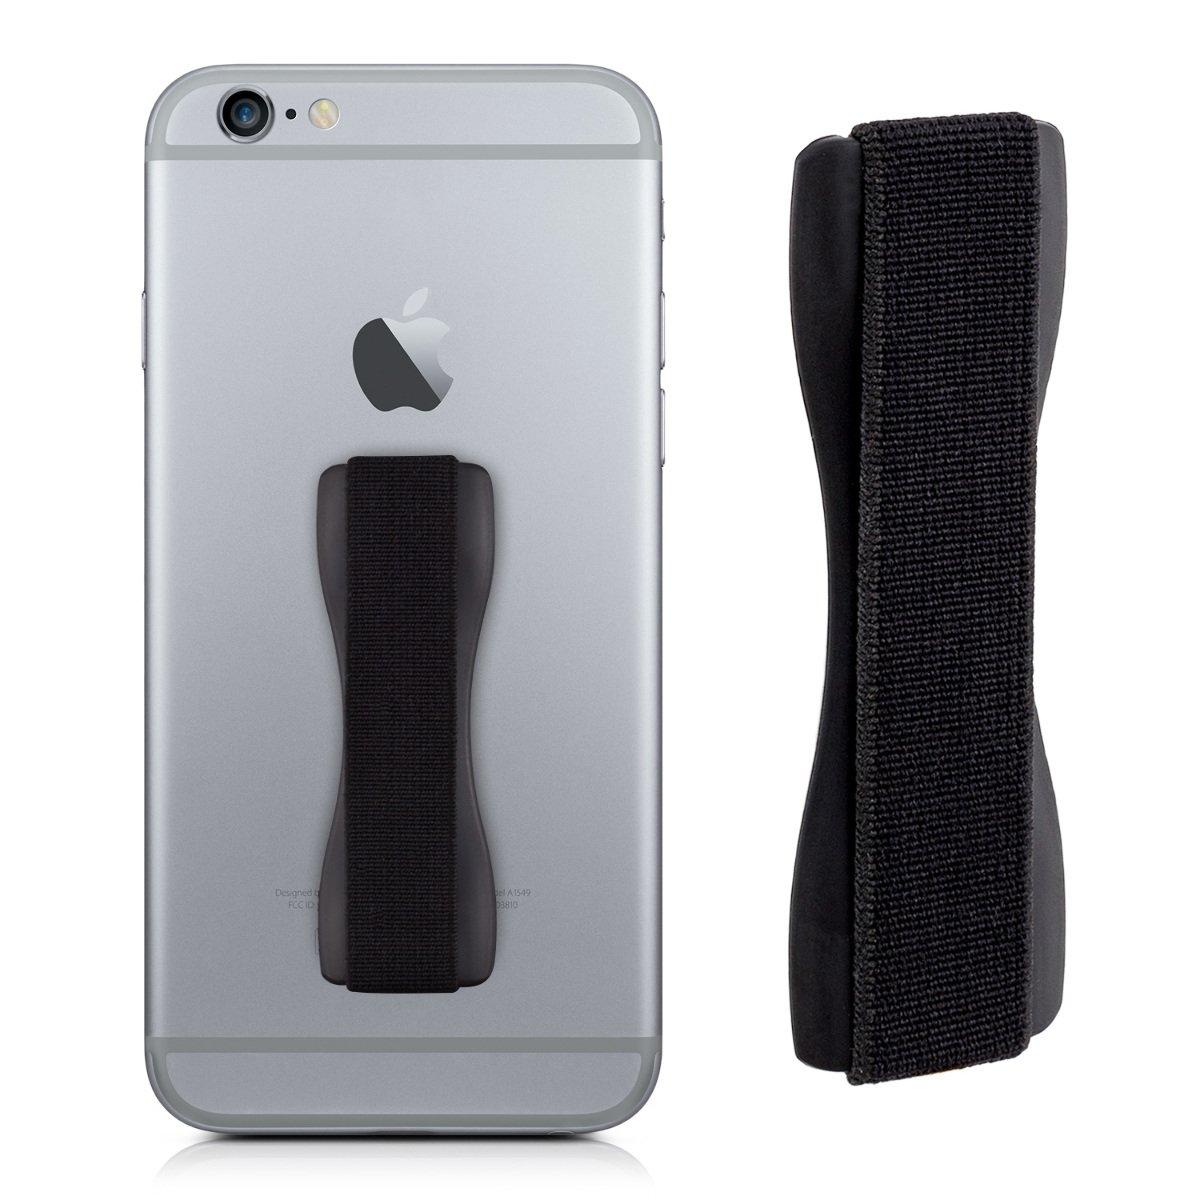 kwmobile 35411.01 accesorio para dispositivo de mano Finger strap Negro: Amazon.es: Electrónica